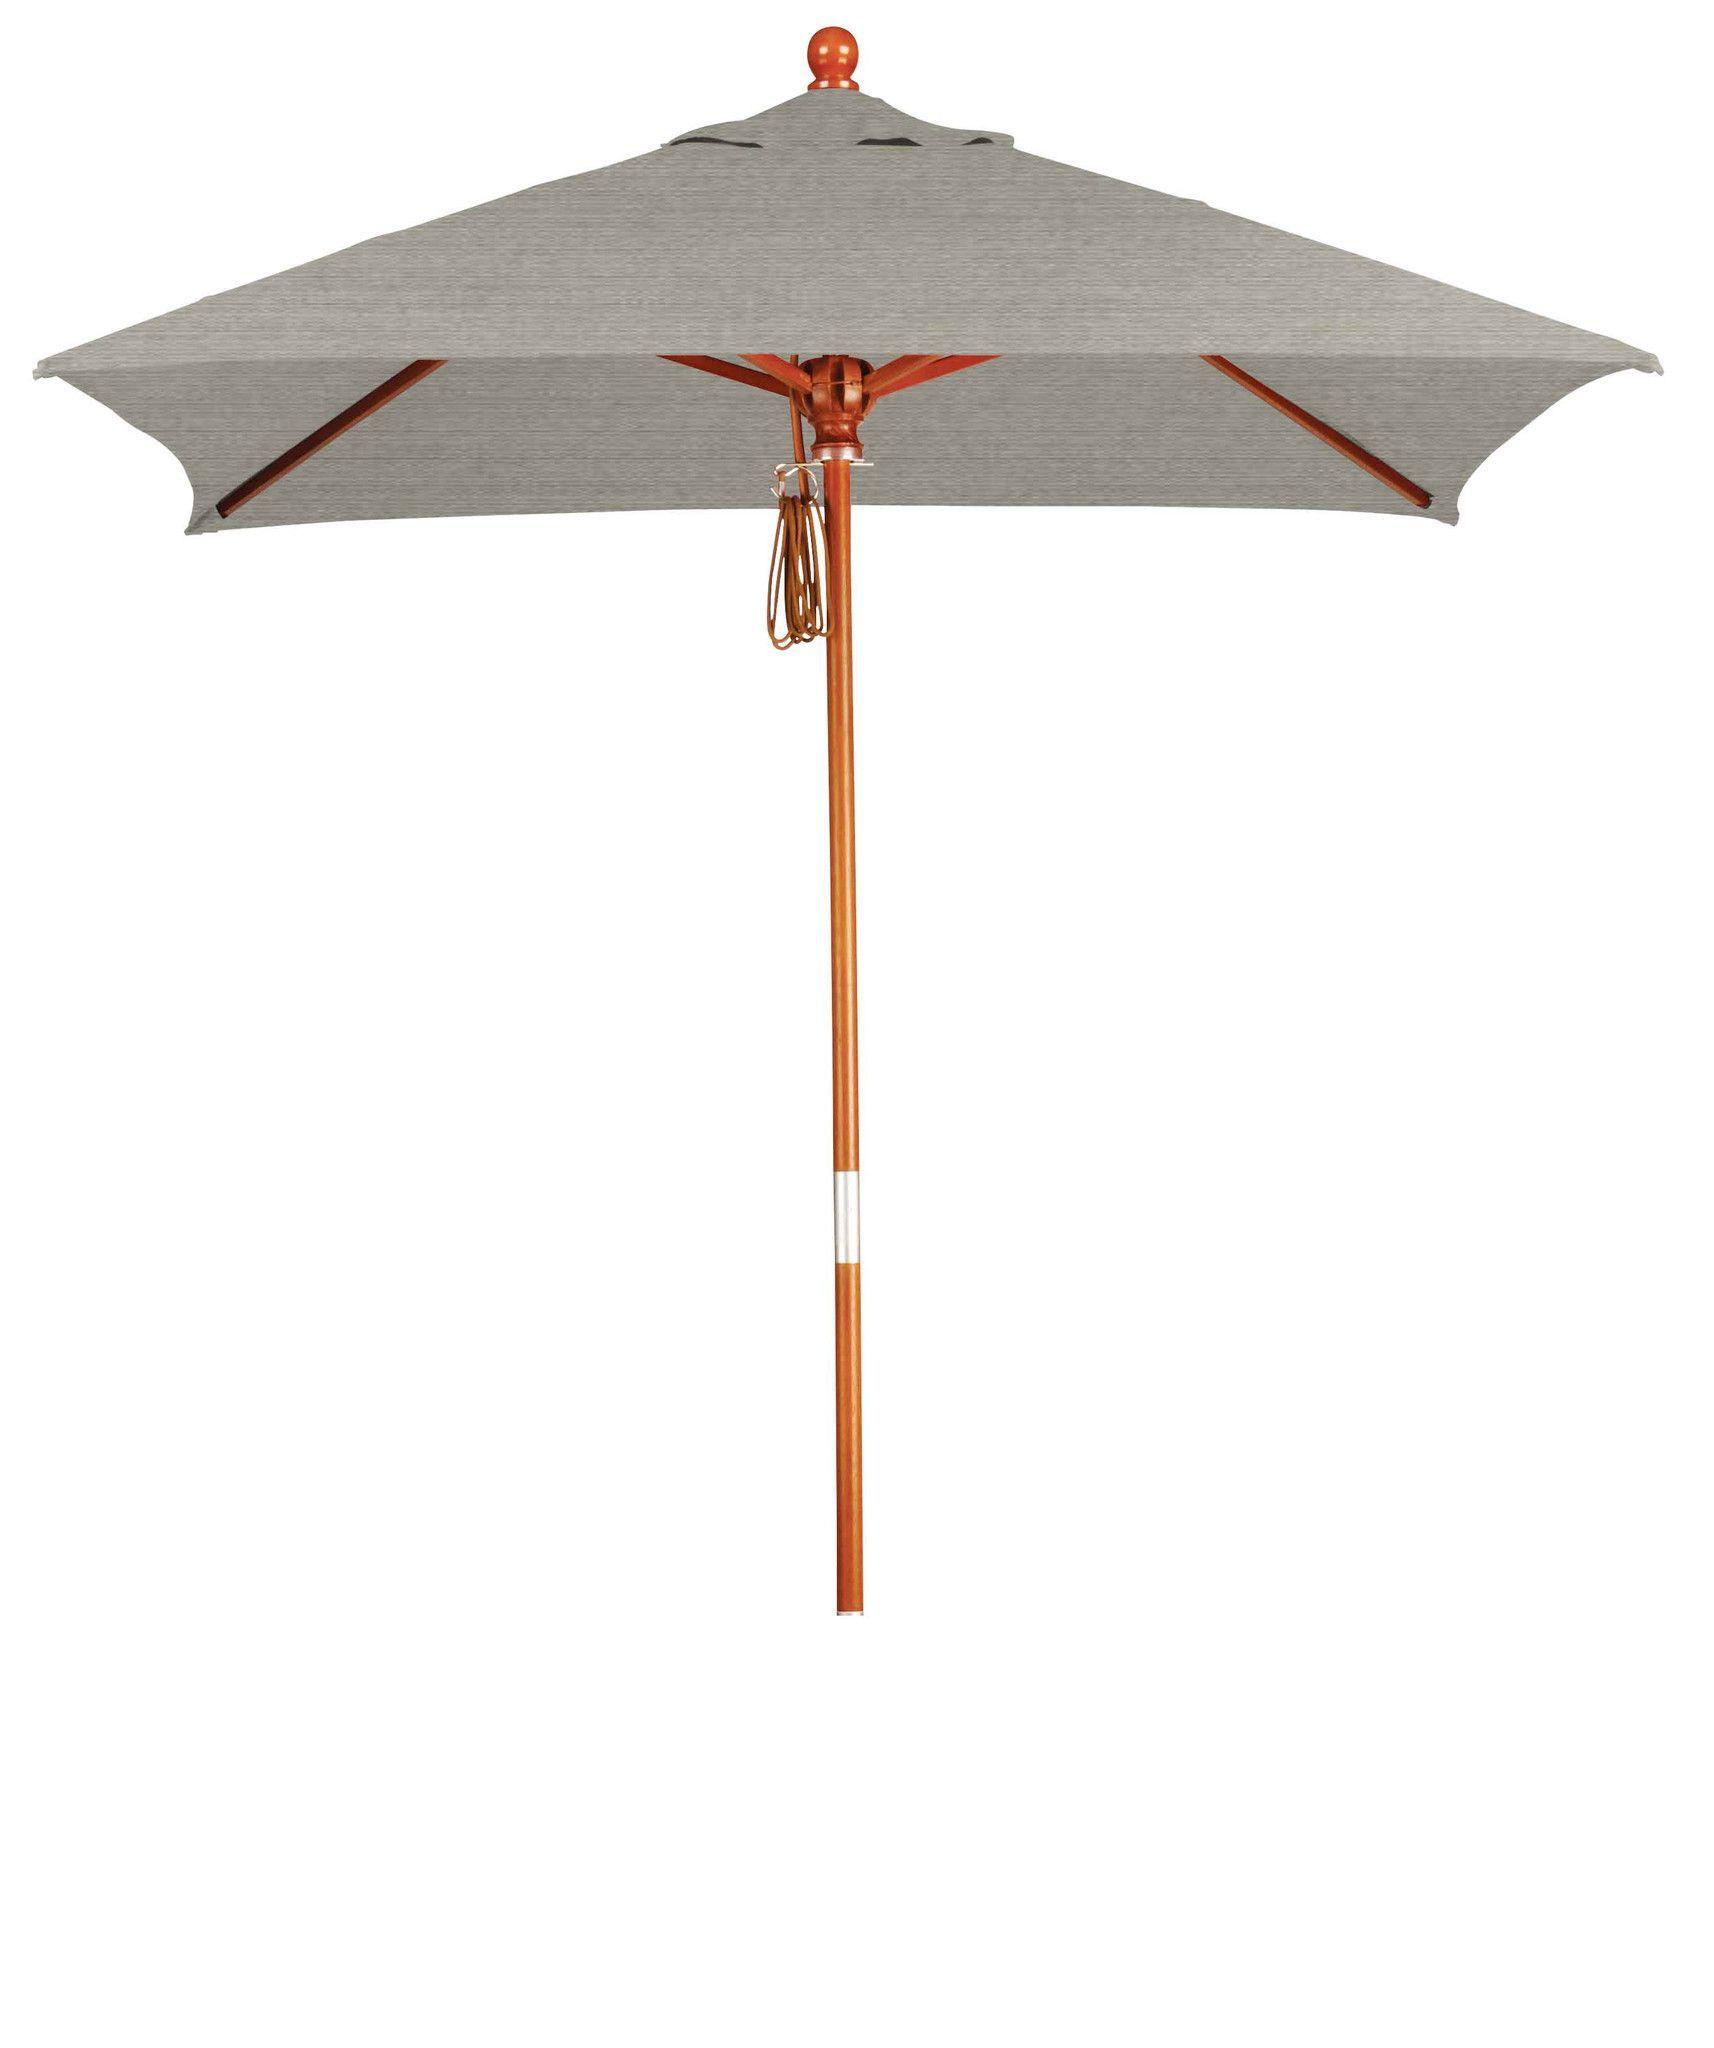 5a6236b56d7a 6 Foot MARE604 Upright Umbrella | Products | Market umbrella, Patio ...